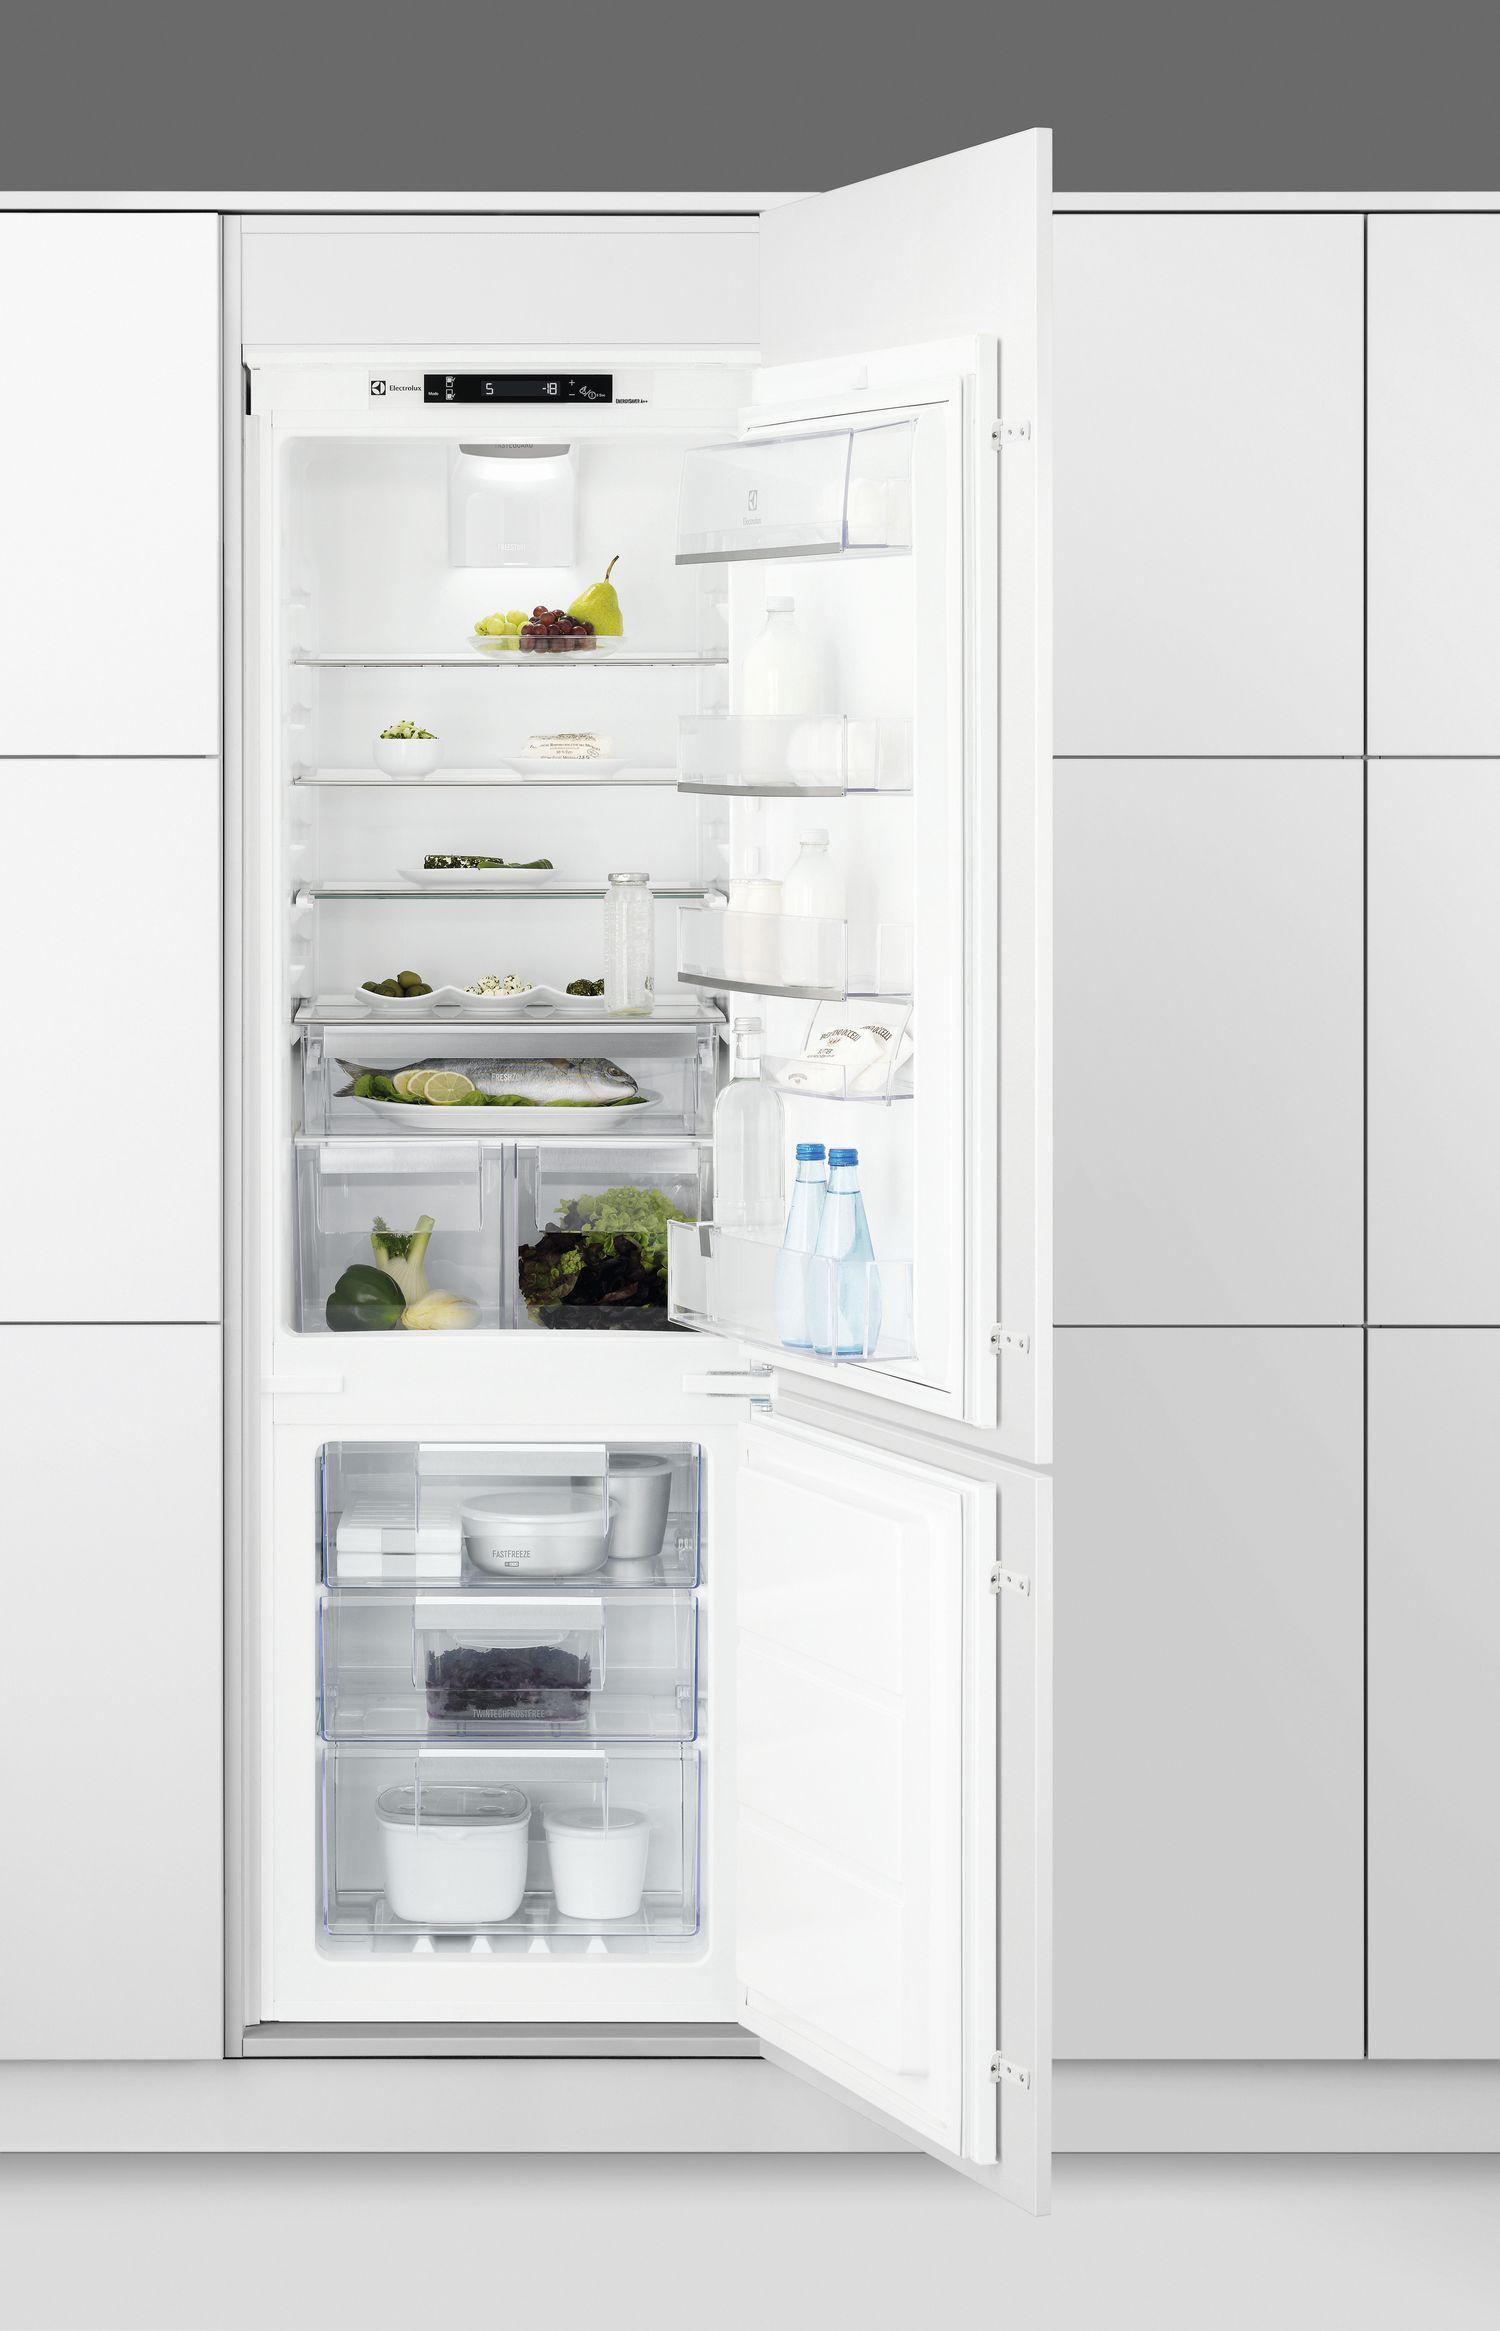 vestavná kombinovaná lednice ELECTROLUX ENN 2854 COW zapojení zdarma